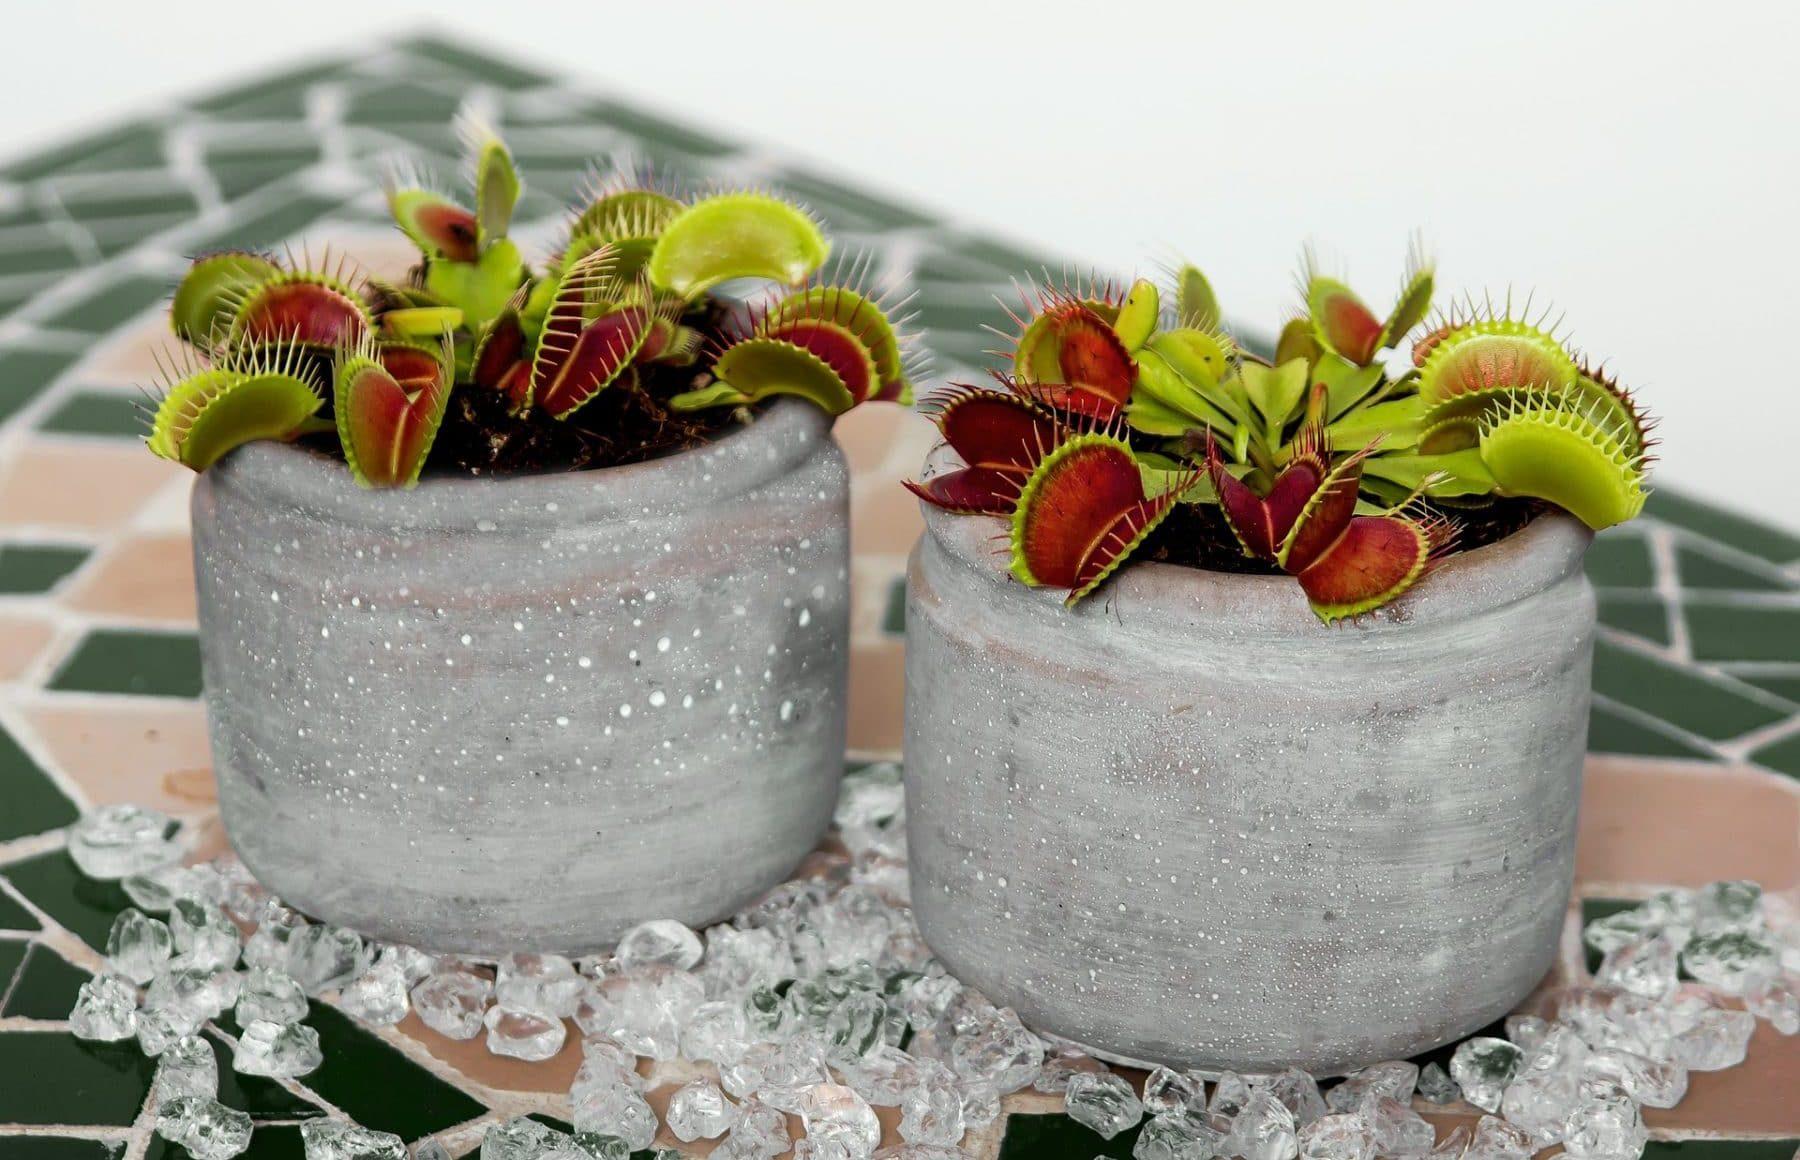 fleischfressende pflanzen richtig pflegen karnivoren halten. Black Bedroom Furniture Sets. Home Design Ideas